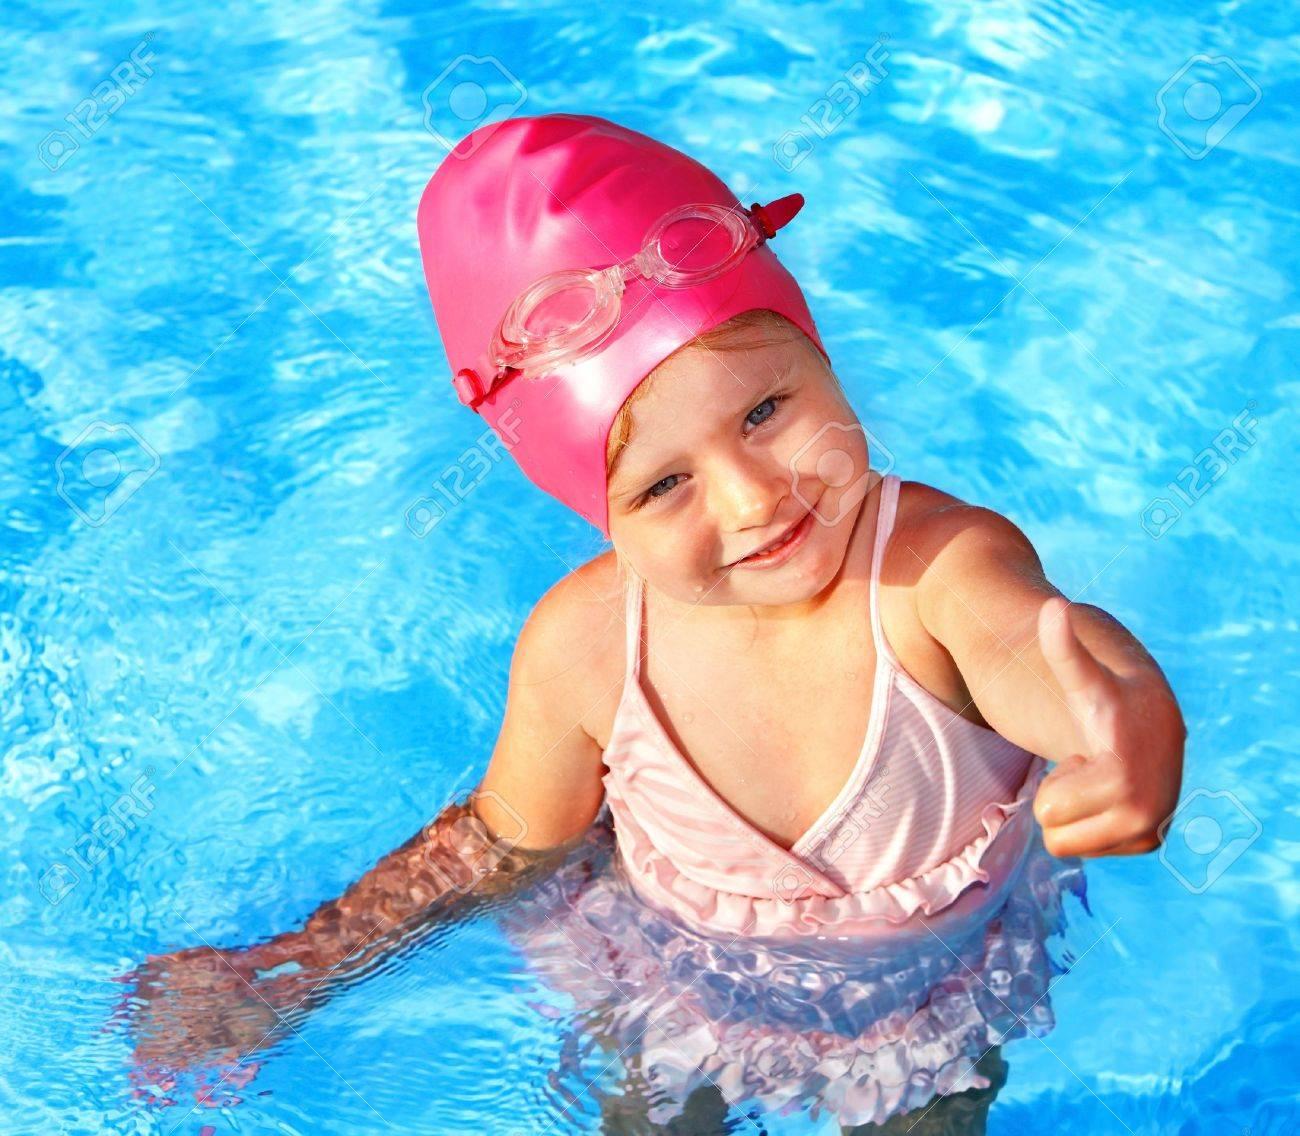 Сняли девочек в бассейне 14 фотография